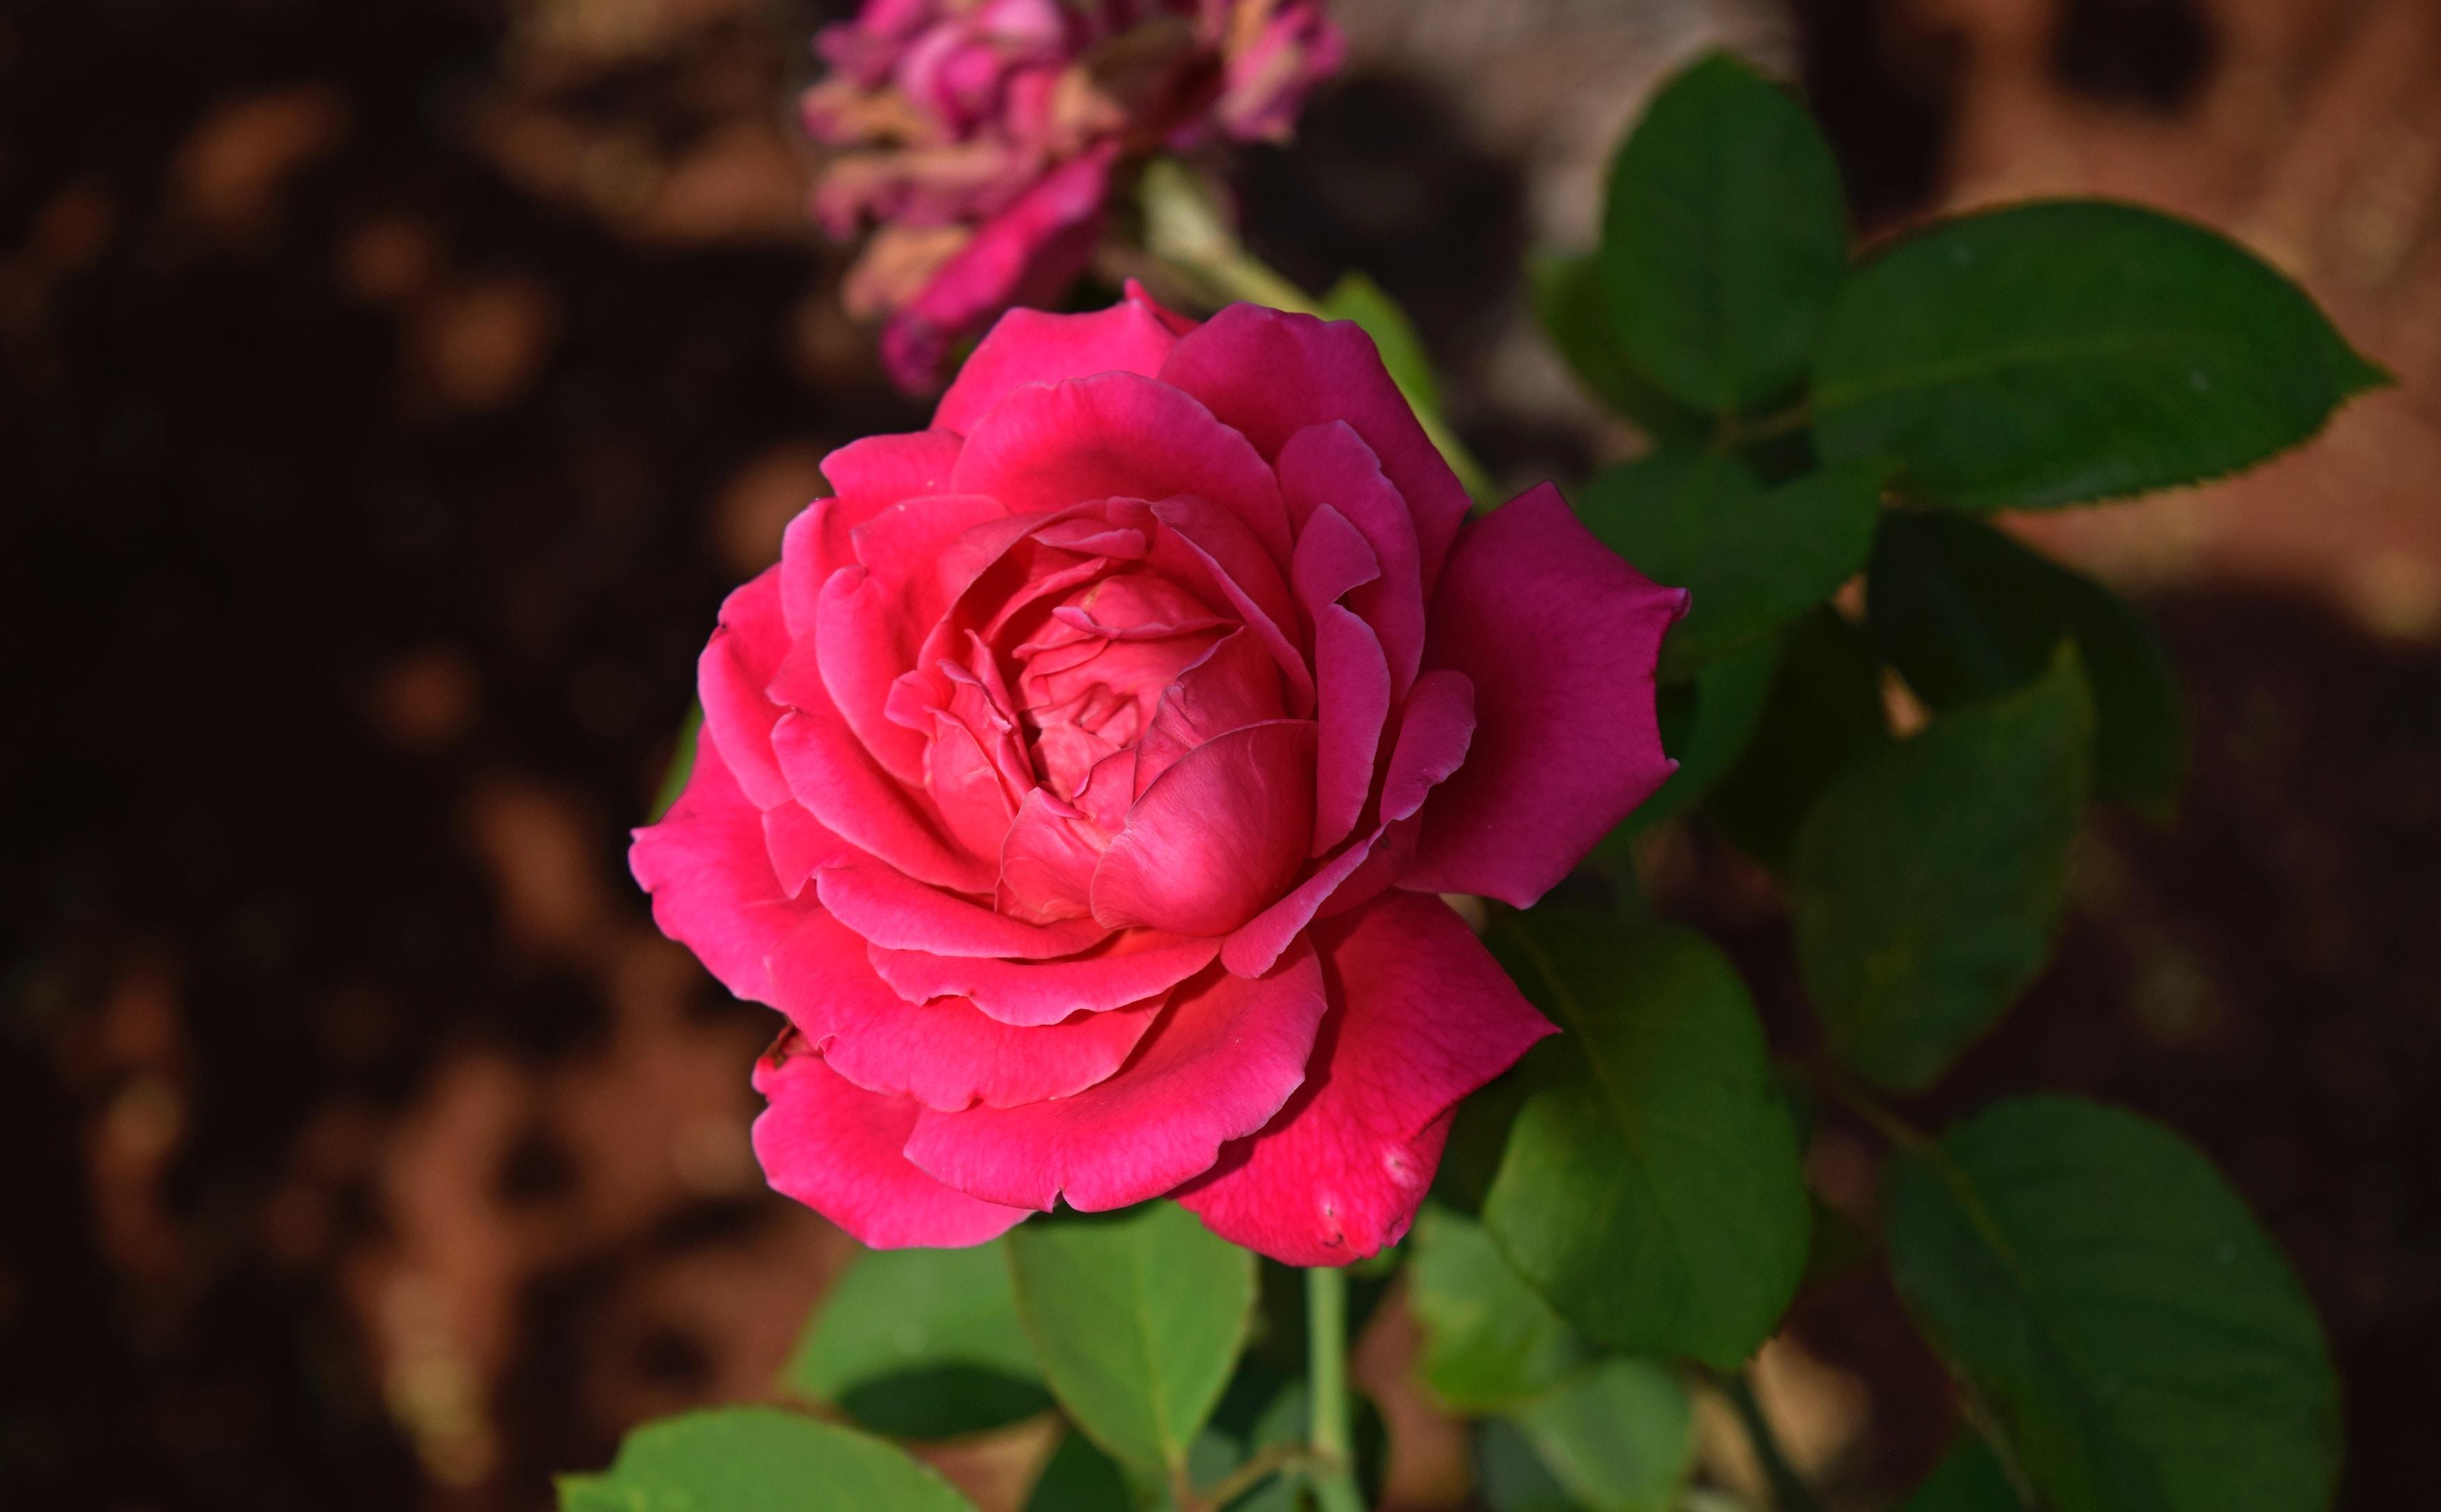 ý nghĩa của hoa hồng đậm